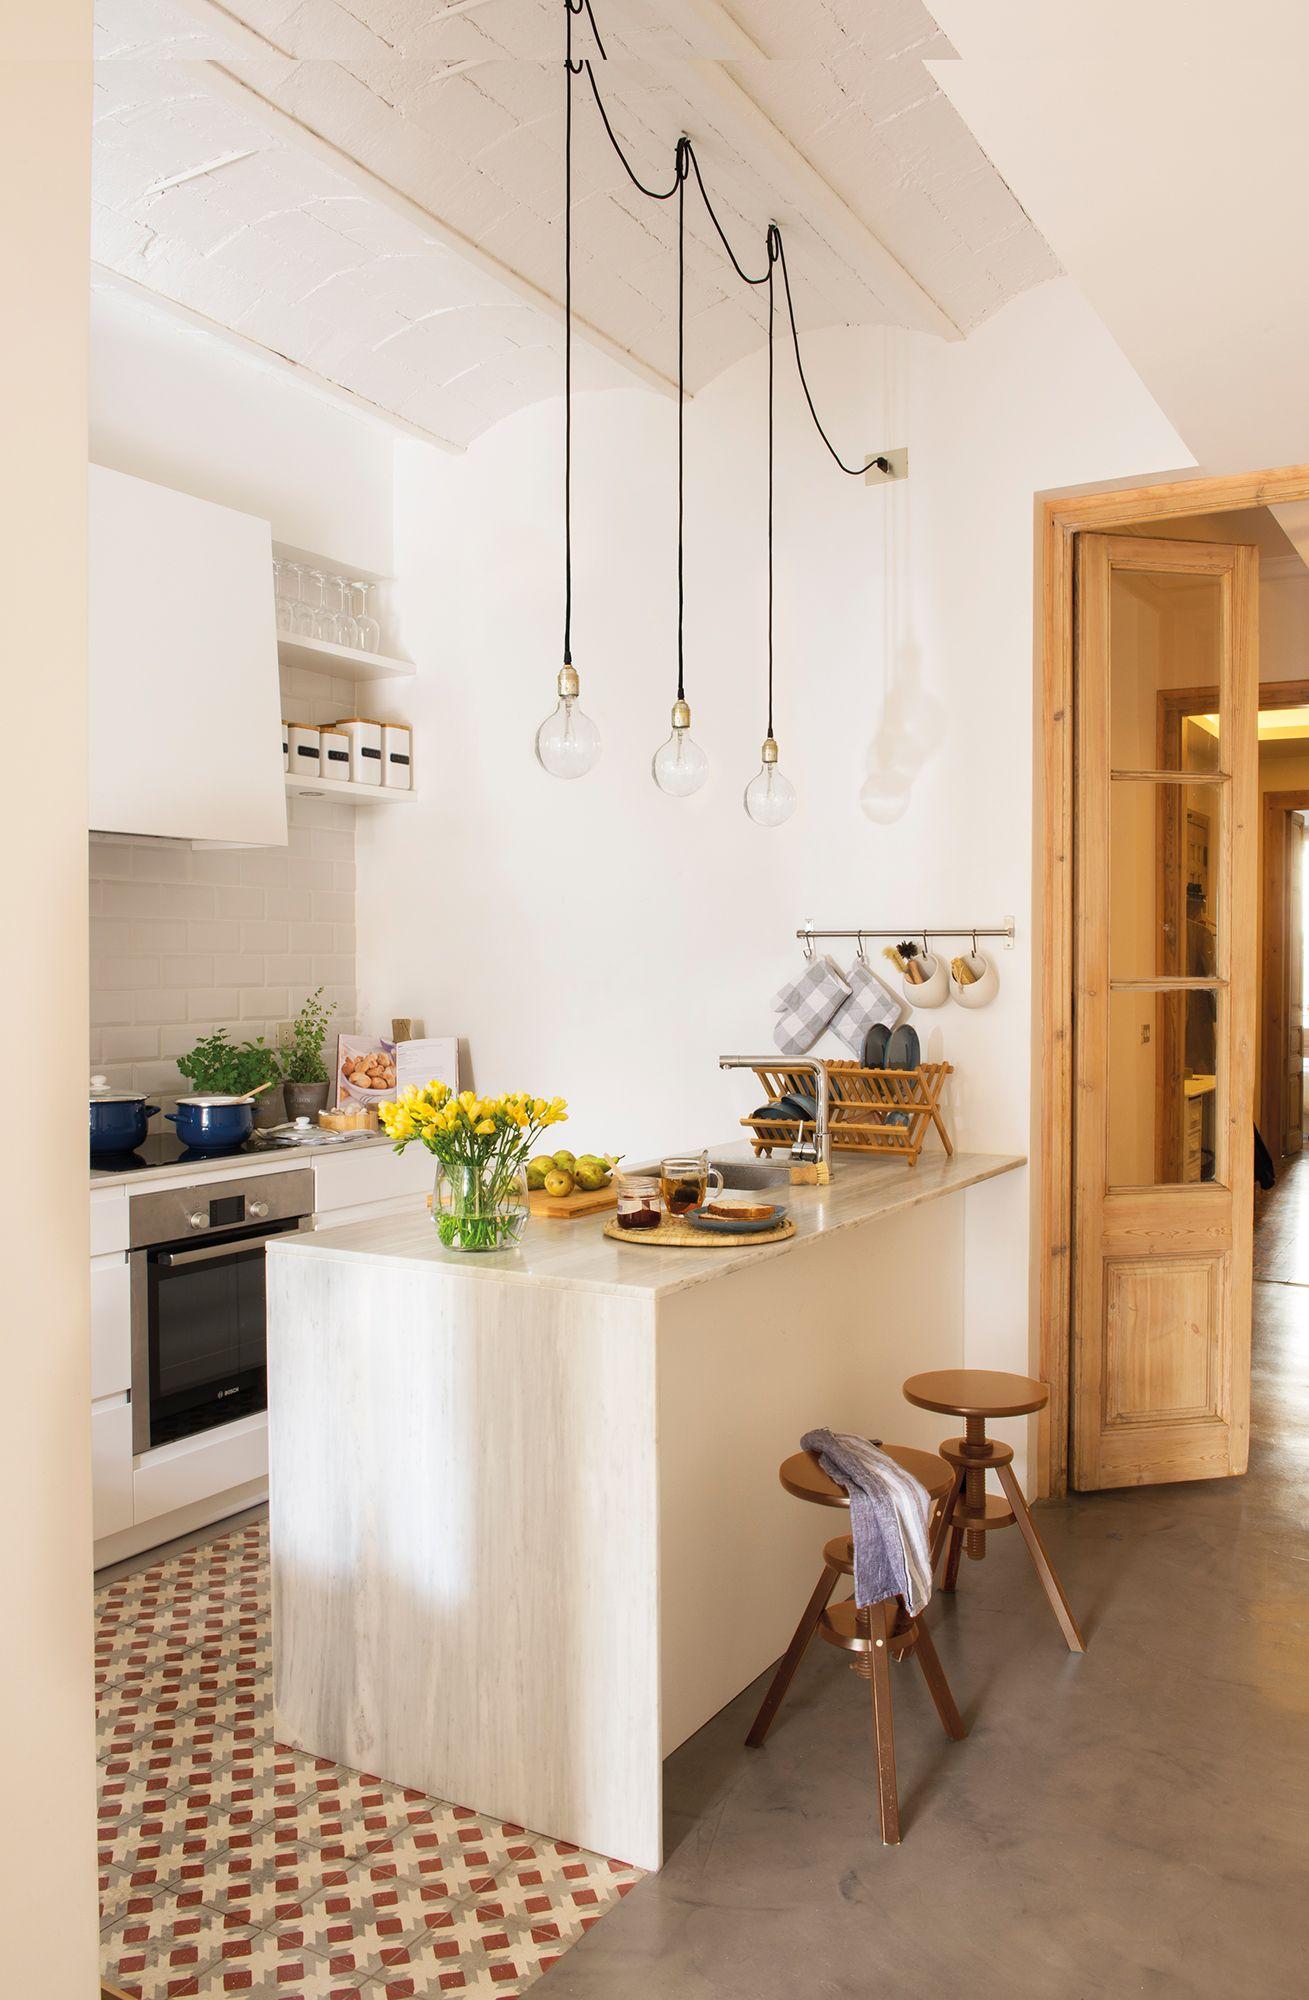 Cocina blanca peque a organizada en dos frentes paralelos for Cocinas blancas pequenas